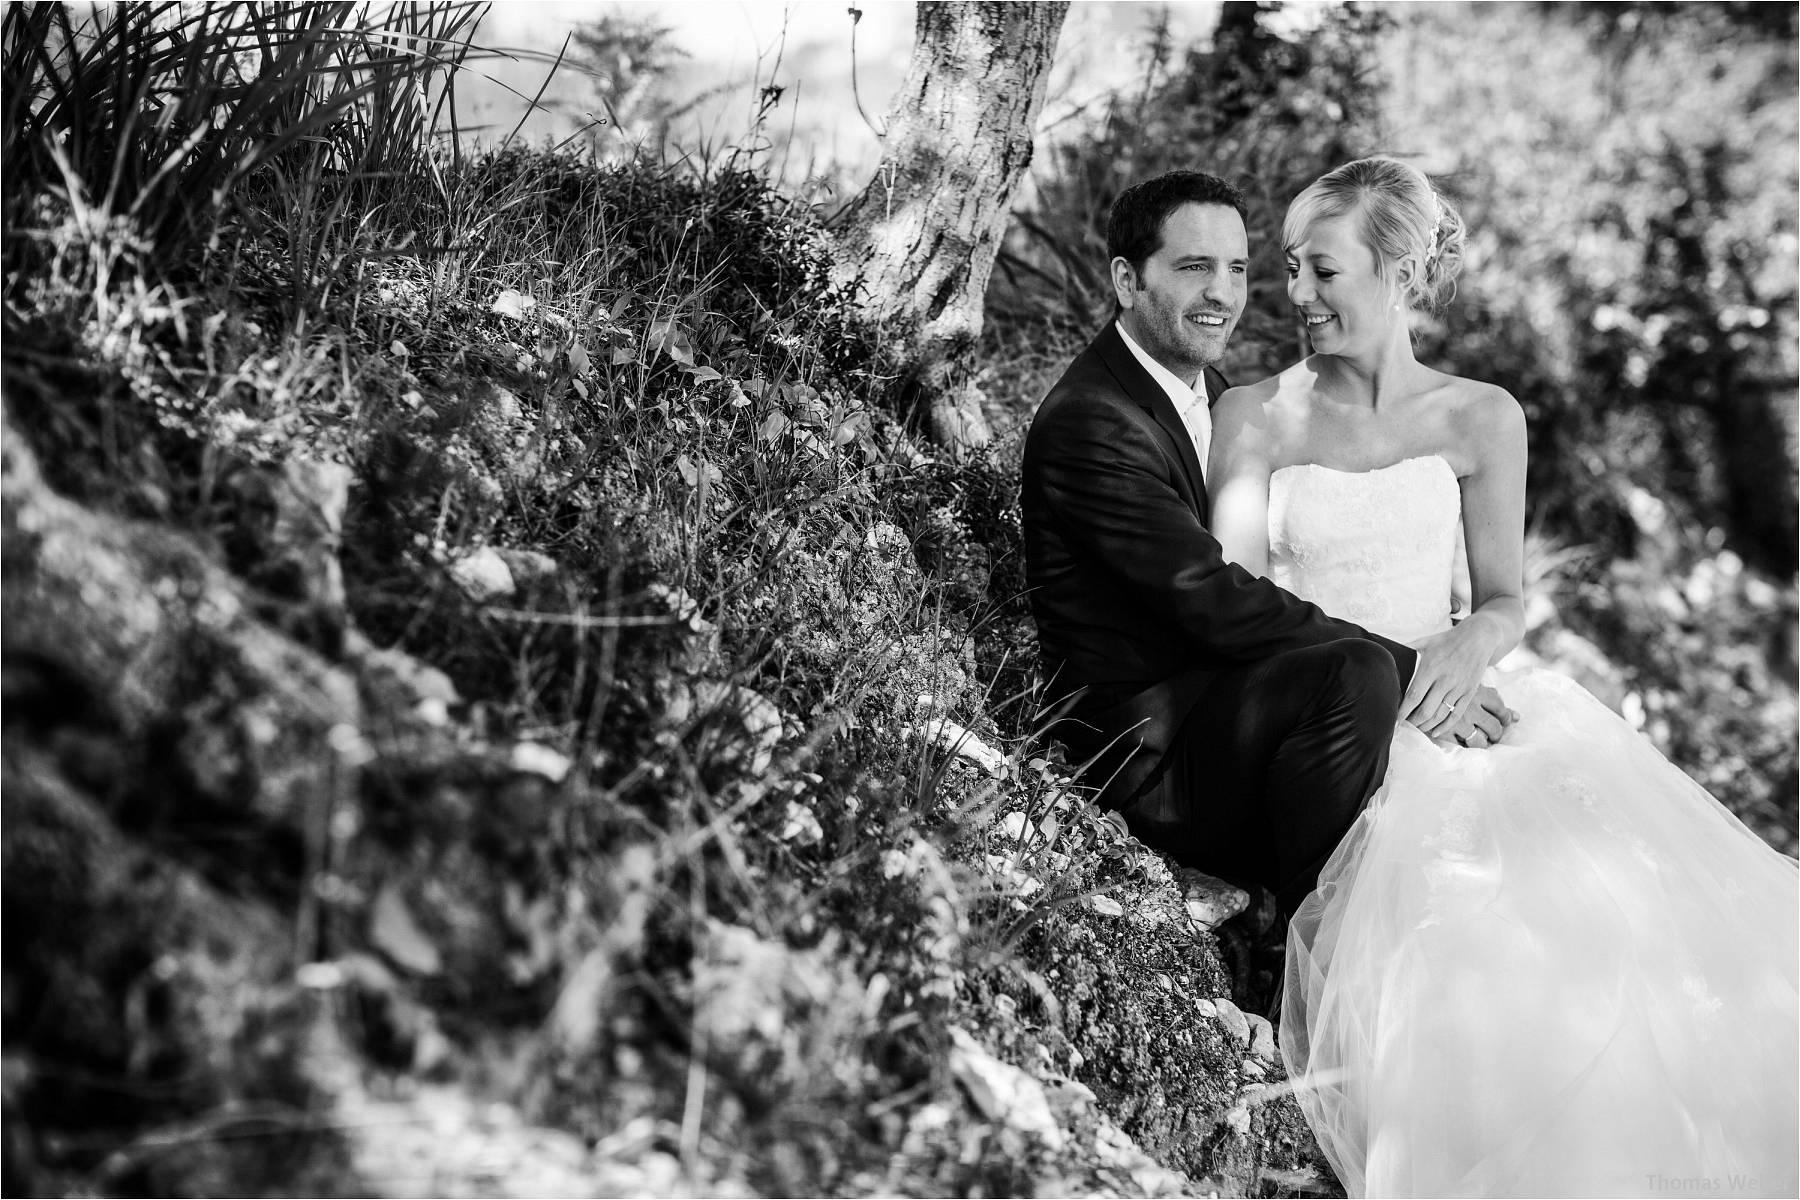 Hochzeitsfotograf Mallorca: Hochzeitsportraits beim After Wedding Shooting auf Mallorca (4)